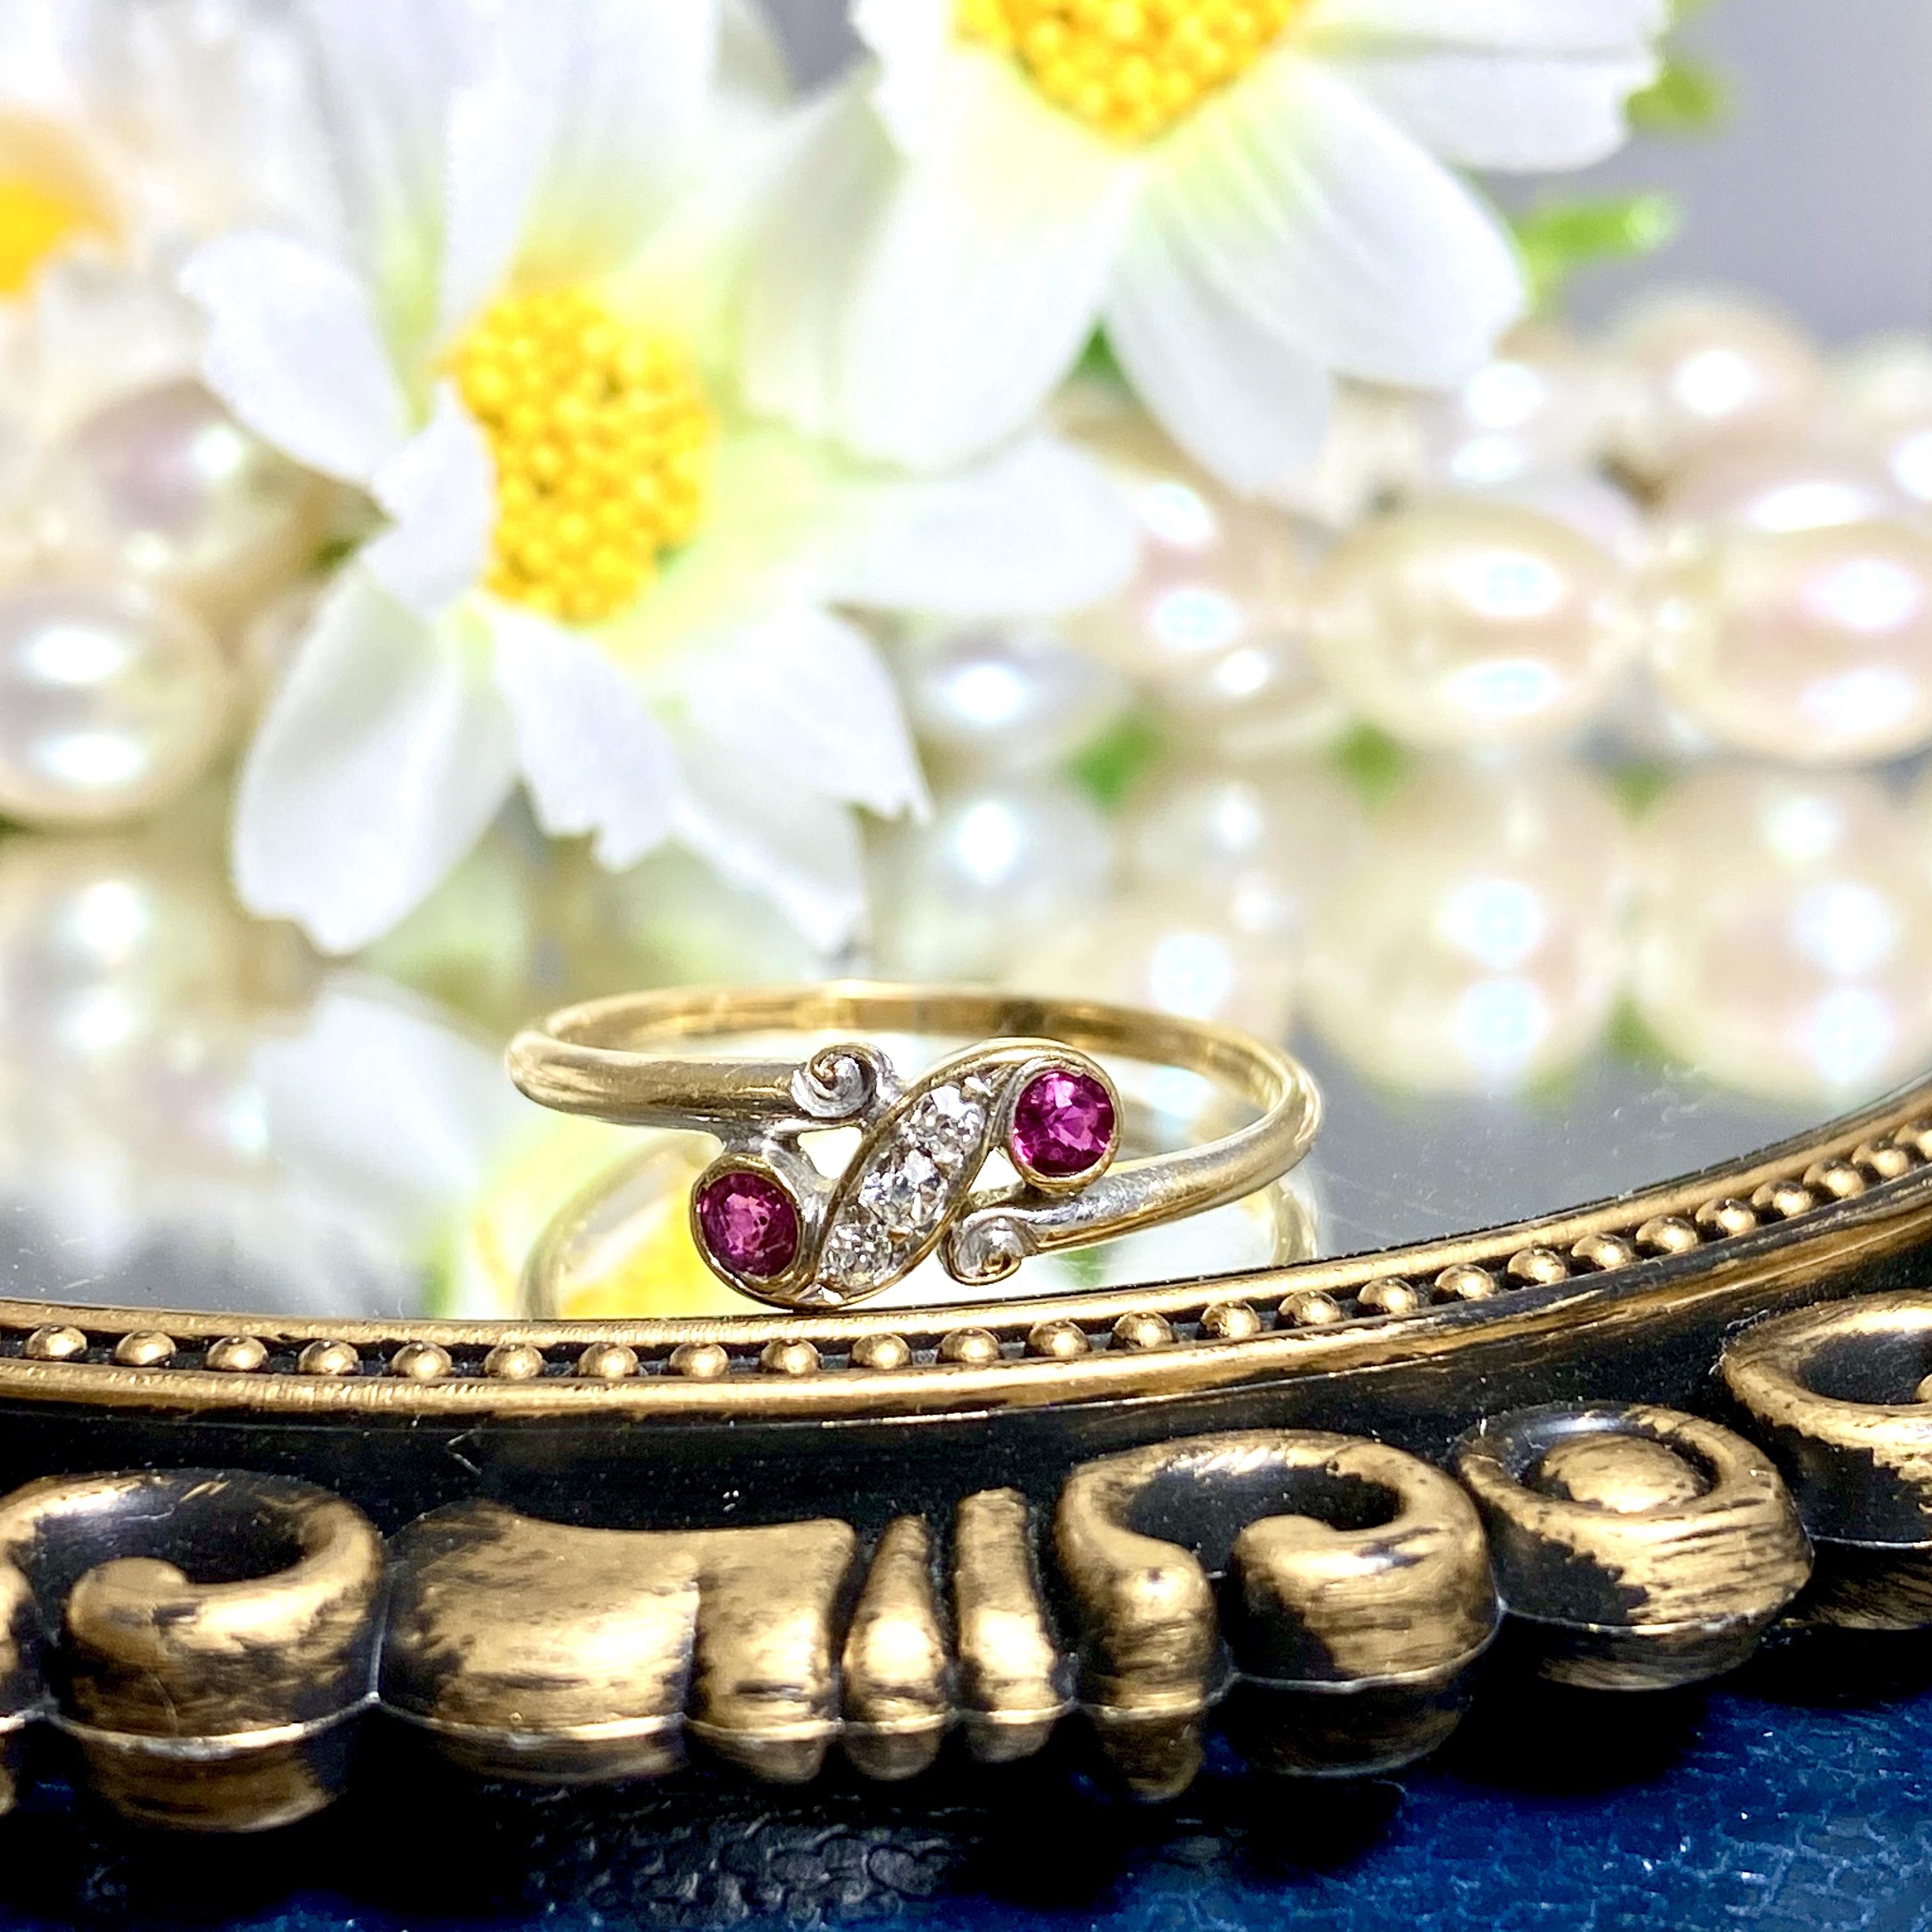 1900年初頭アンティークリング愛らしいルビーと貴重なオールドマインカットダイヤモンド